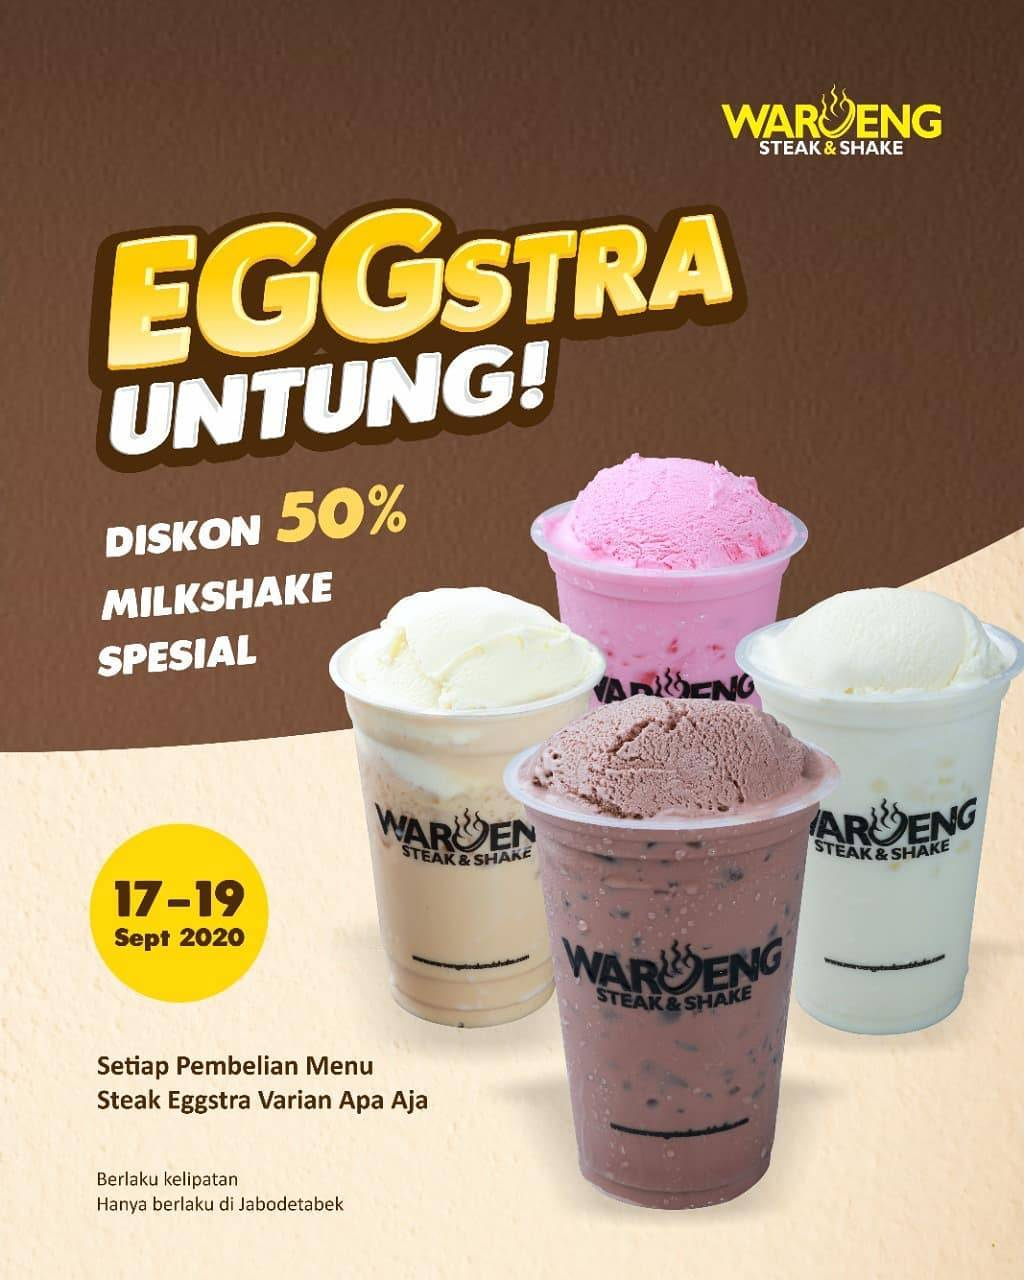 Diskon Waroeng Steak Promo Eggstra Untung Diskon 50%